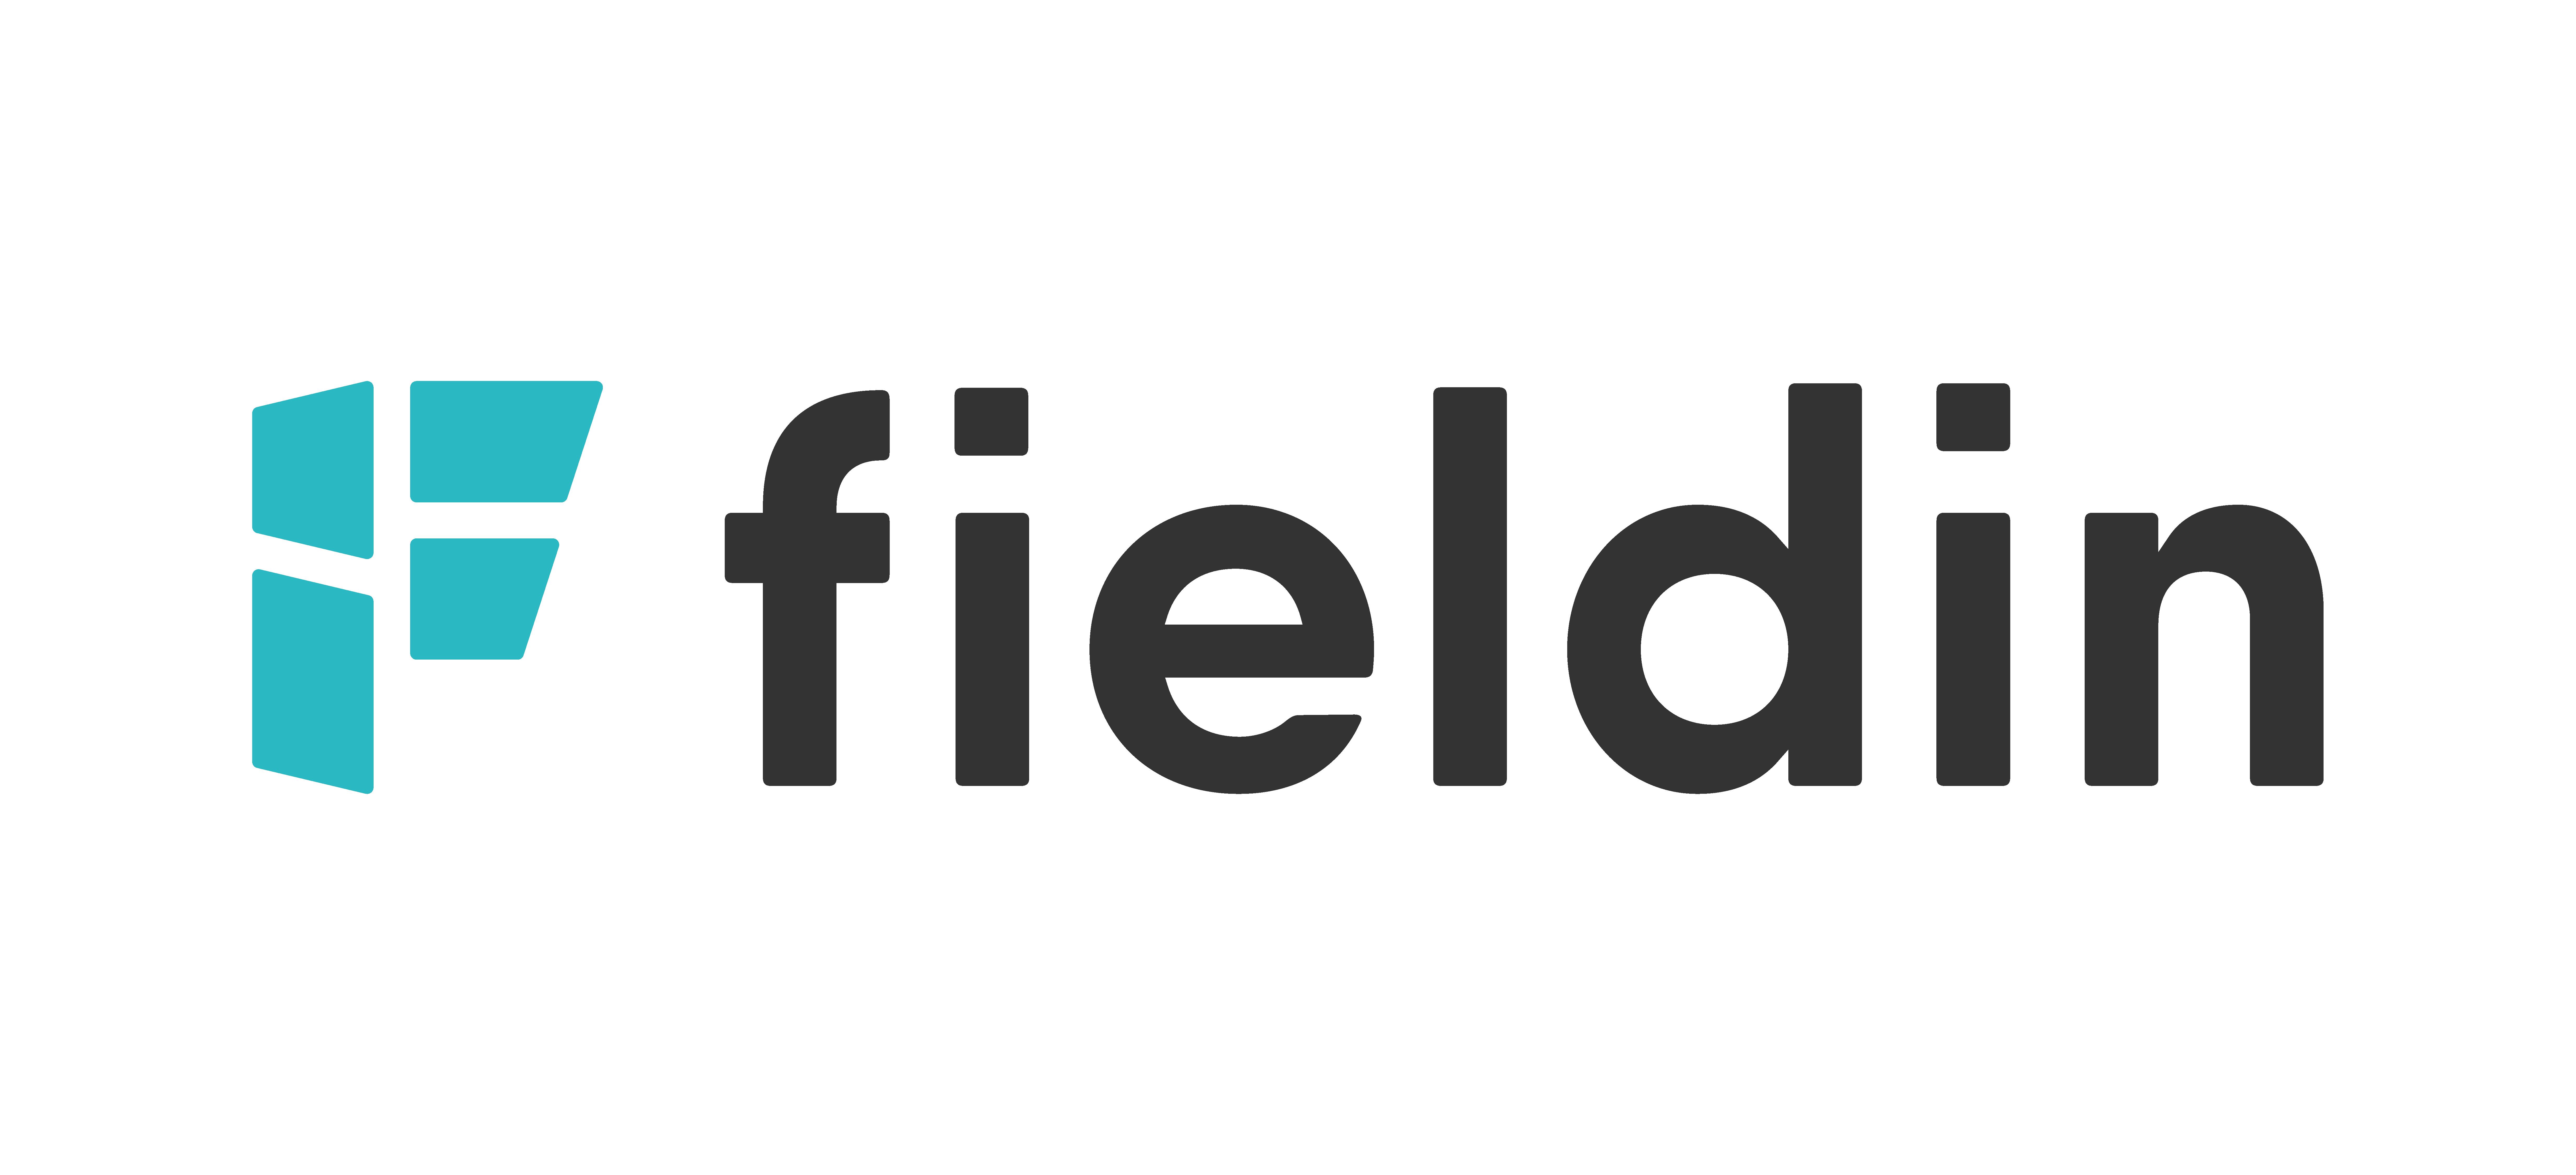 Fieldin logo